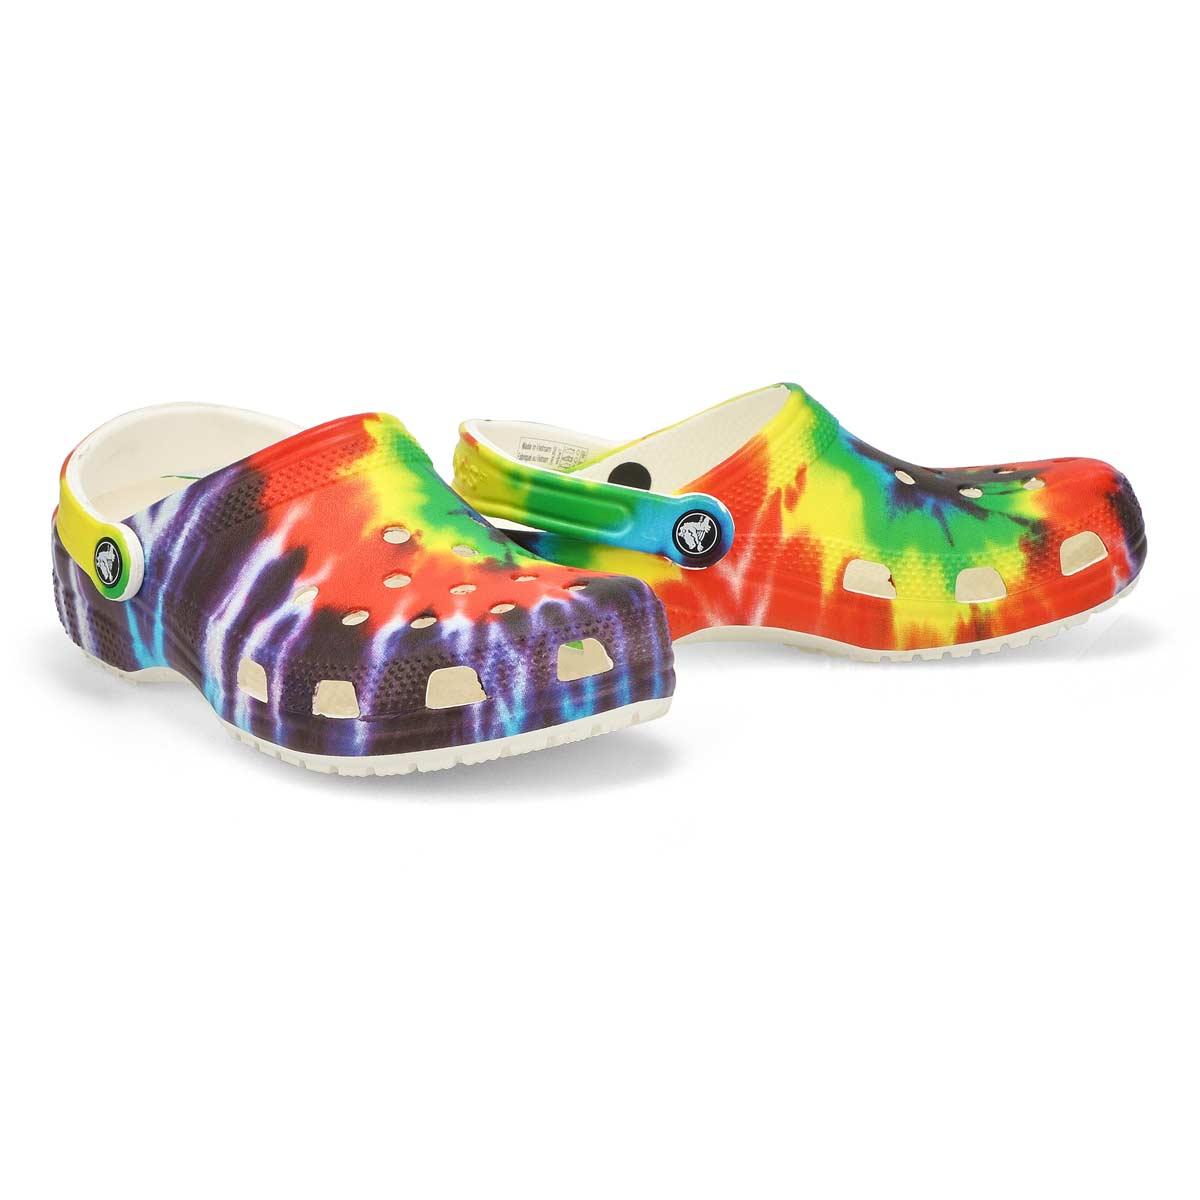 Sabots CLASSIC, tie dye multicolore, unisexe